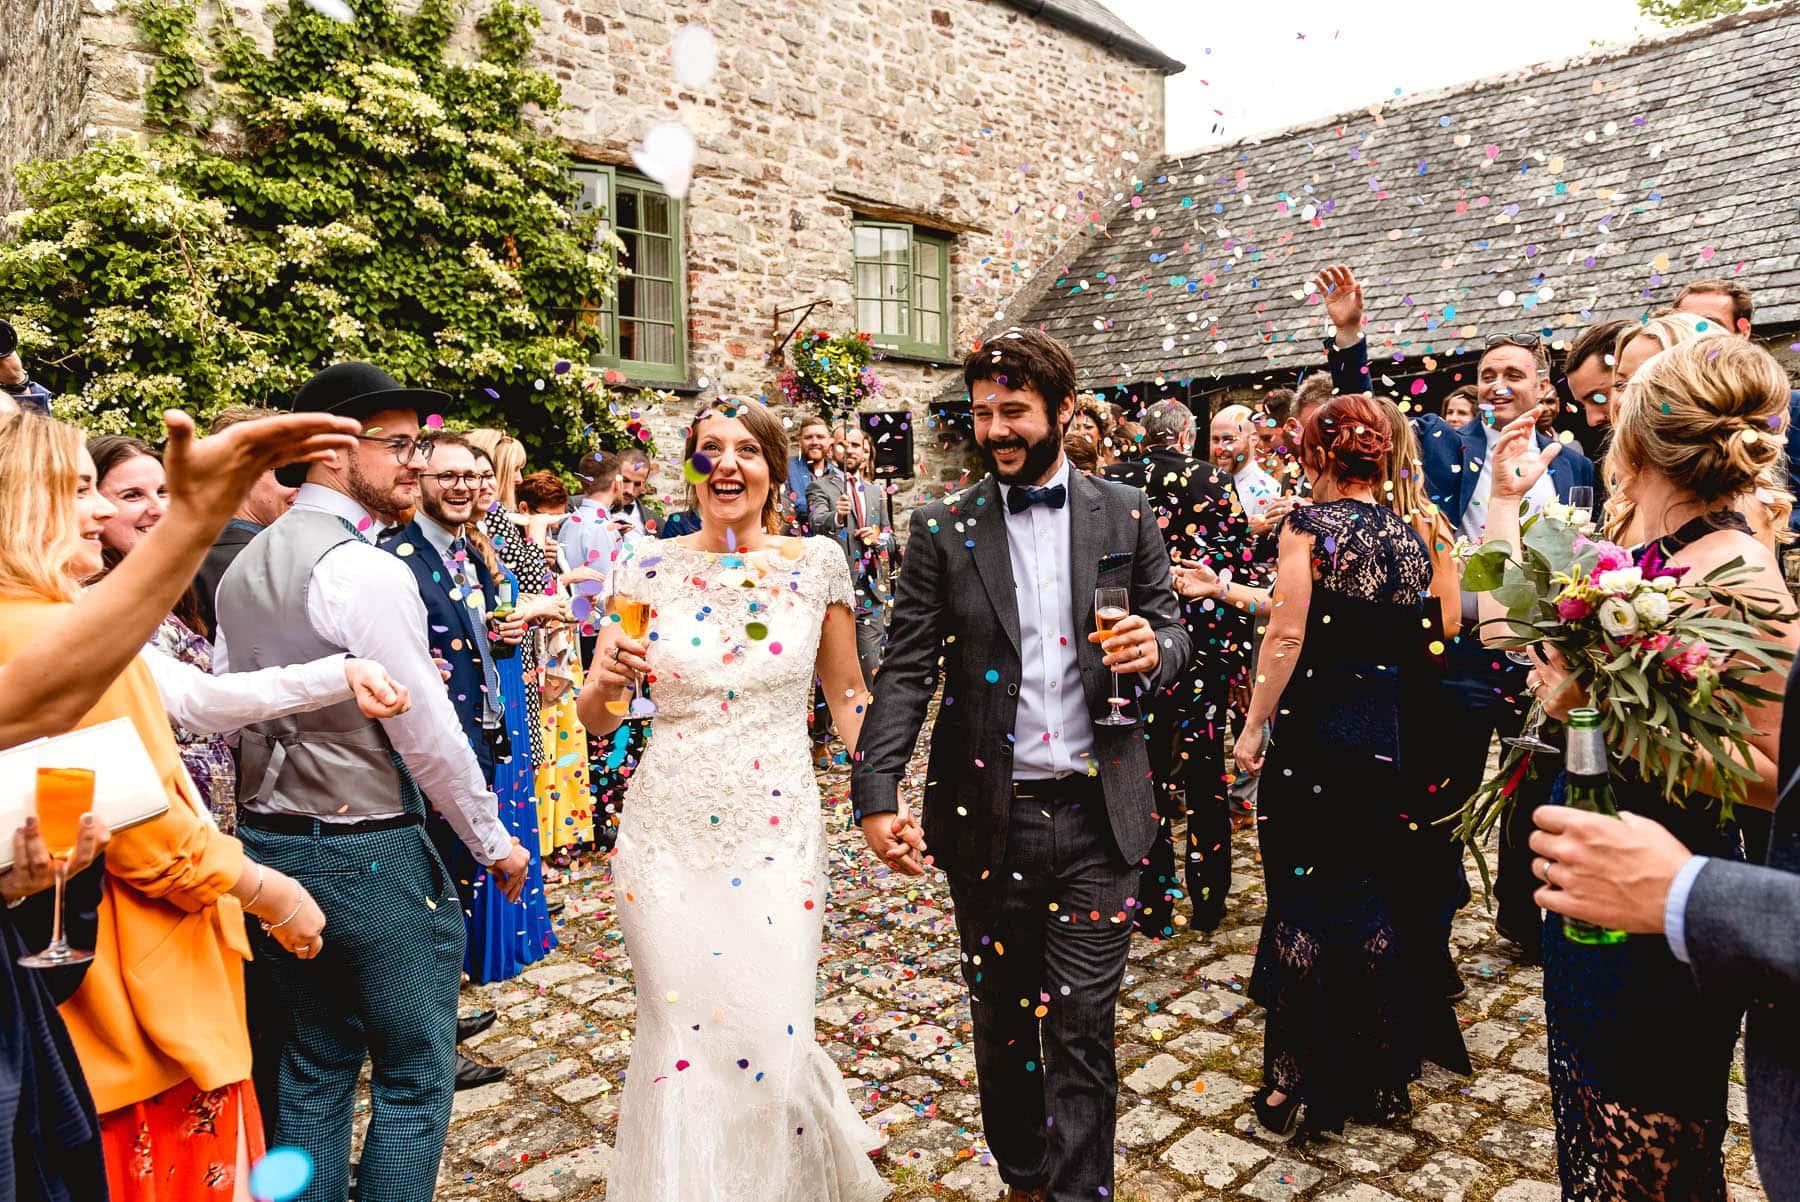 Ash Barton Estate Wedding in Devon with Jenna and Ben